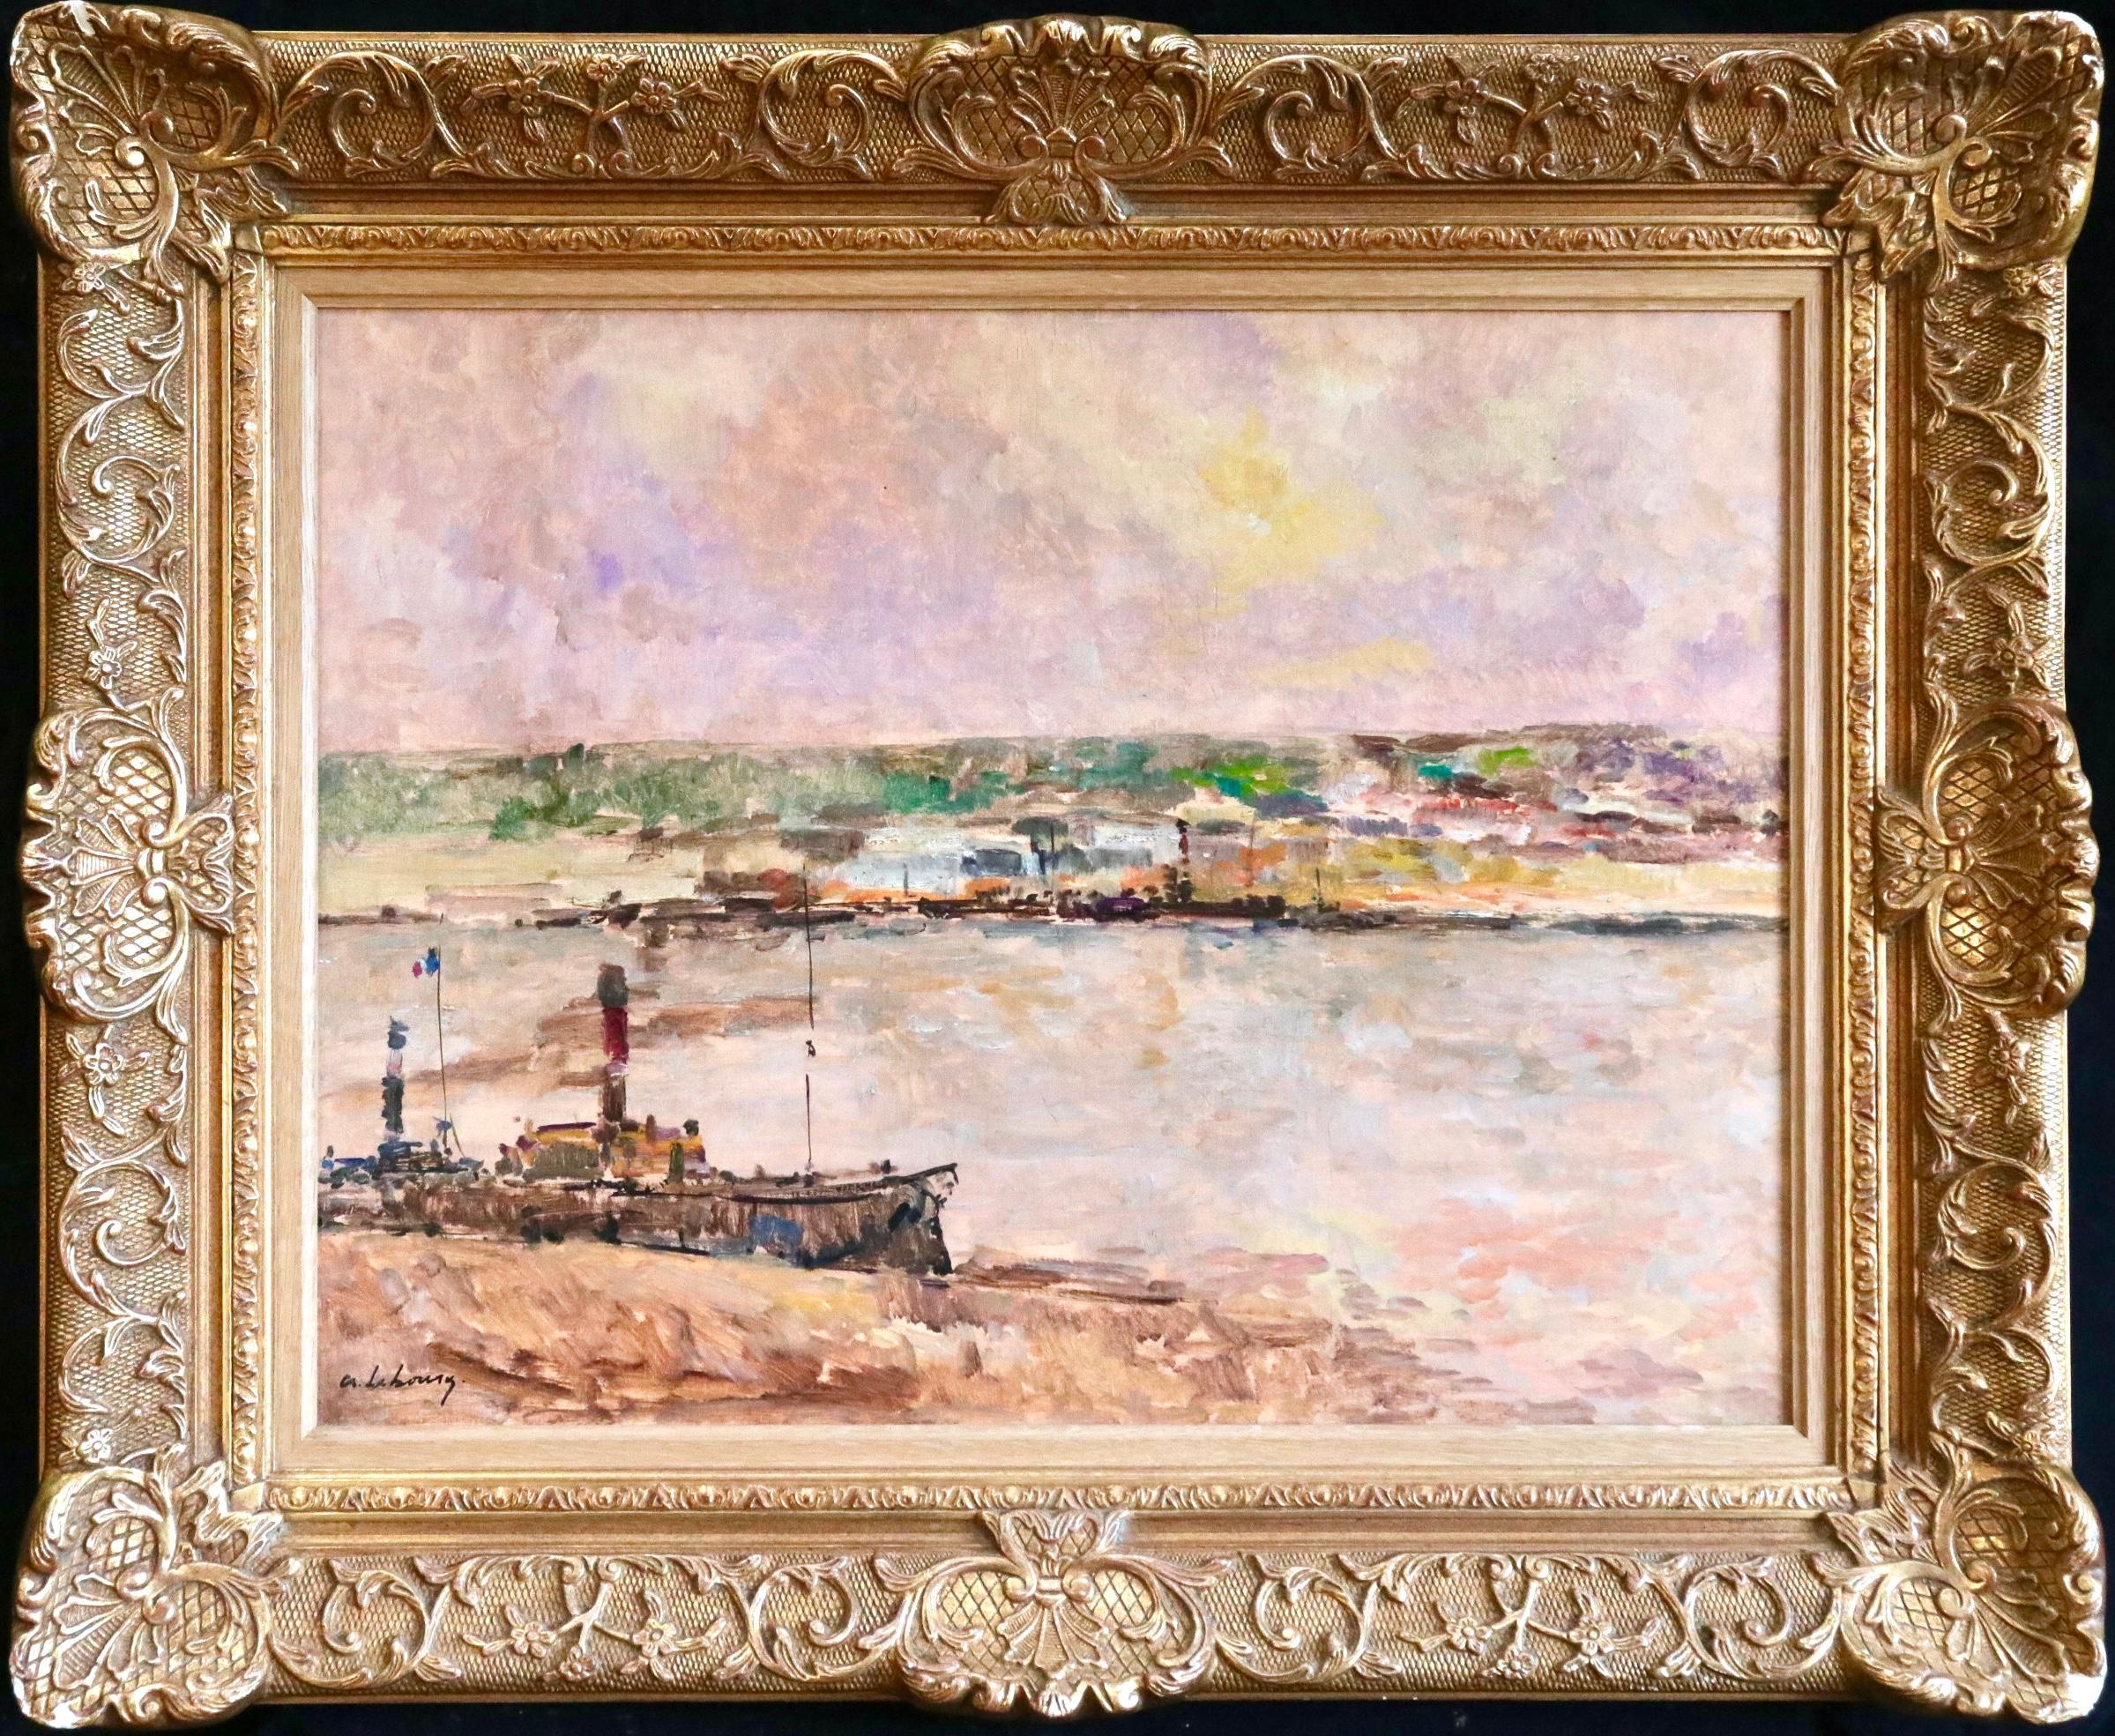 Near Rouen - River Seine - 19th Century Oil Boats in Riverscape - Albert Lebourg